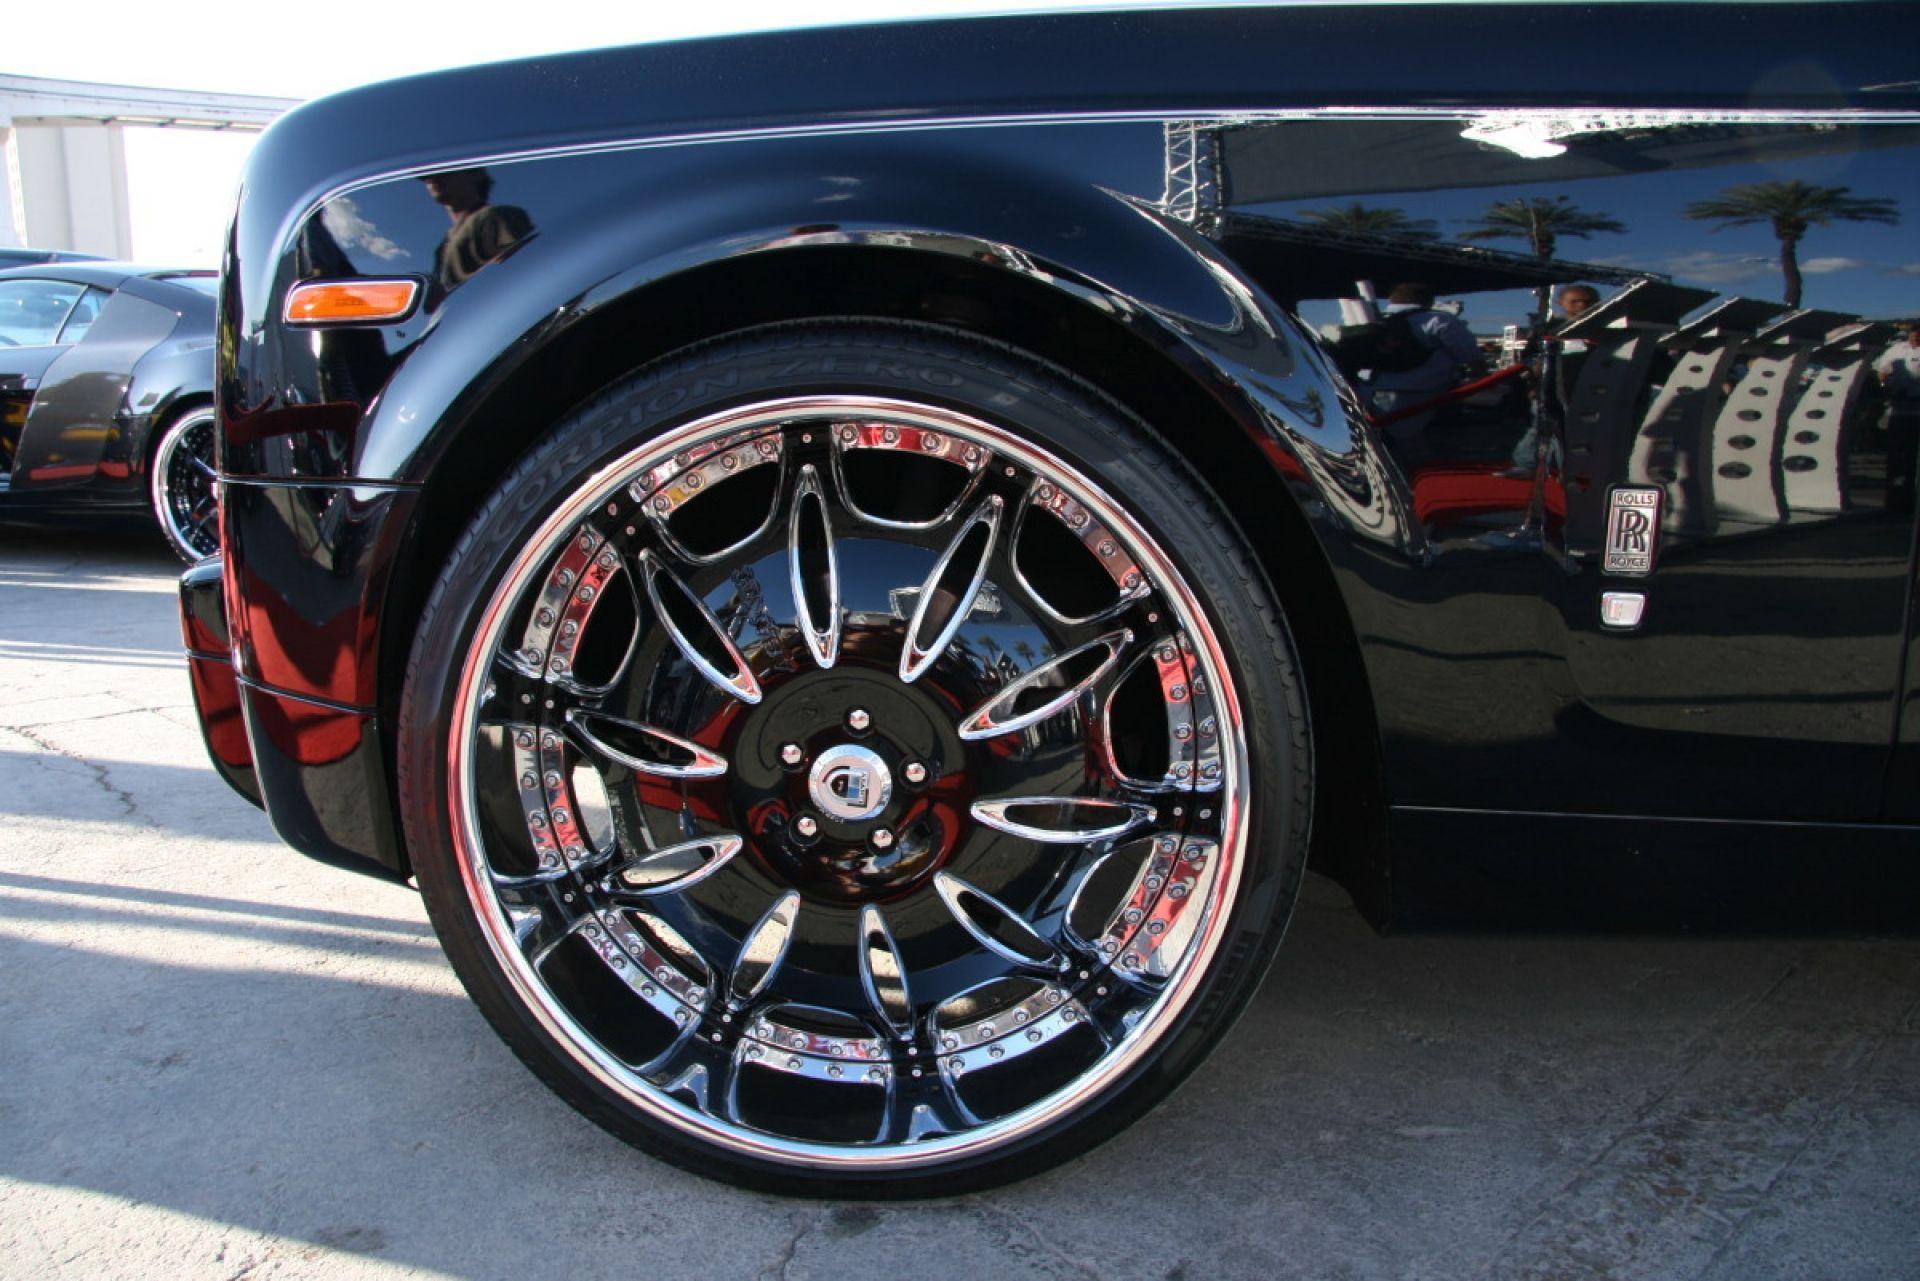 Black Jaguar XF On Asantis VS White Kleanfacer Whipz - Cool cars rims